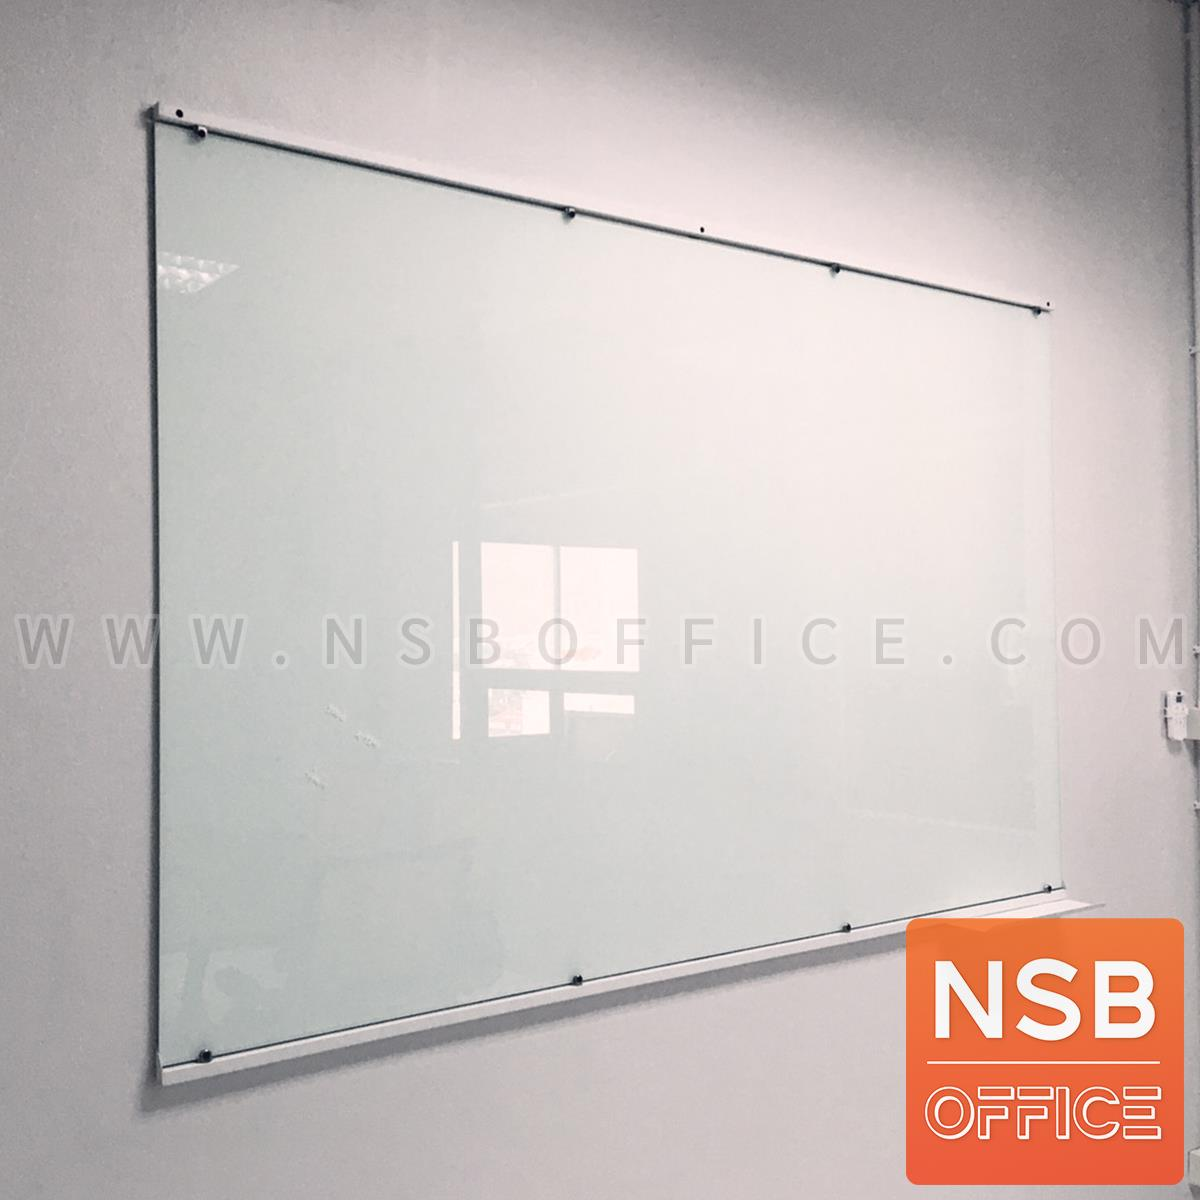 G01A038:ไวท์บอร์ดกระจกนิรภัยพ่นสีขาว   150W, 180W, 200W, 220W cm (กระจกไม่ต้องเจาะรู ติดตั้งด้วยคิ้วเหล็กทำสี)